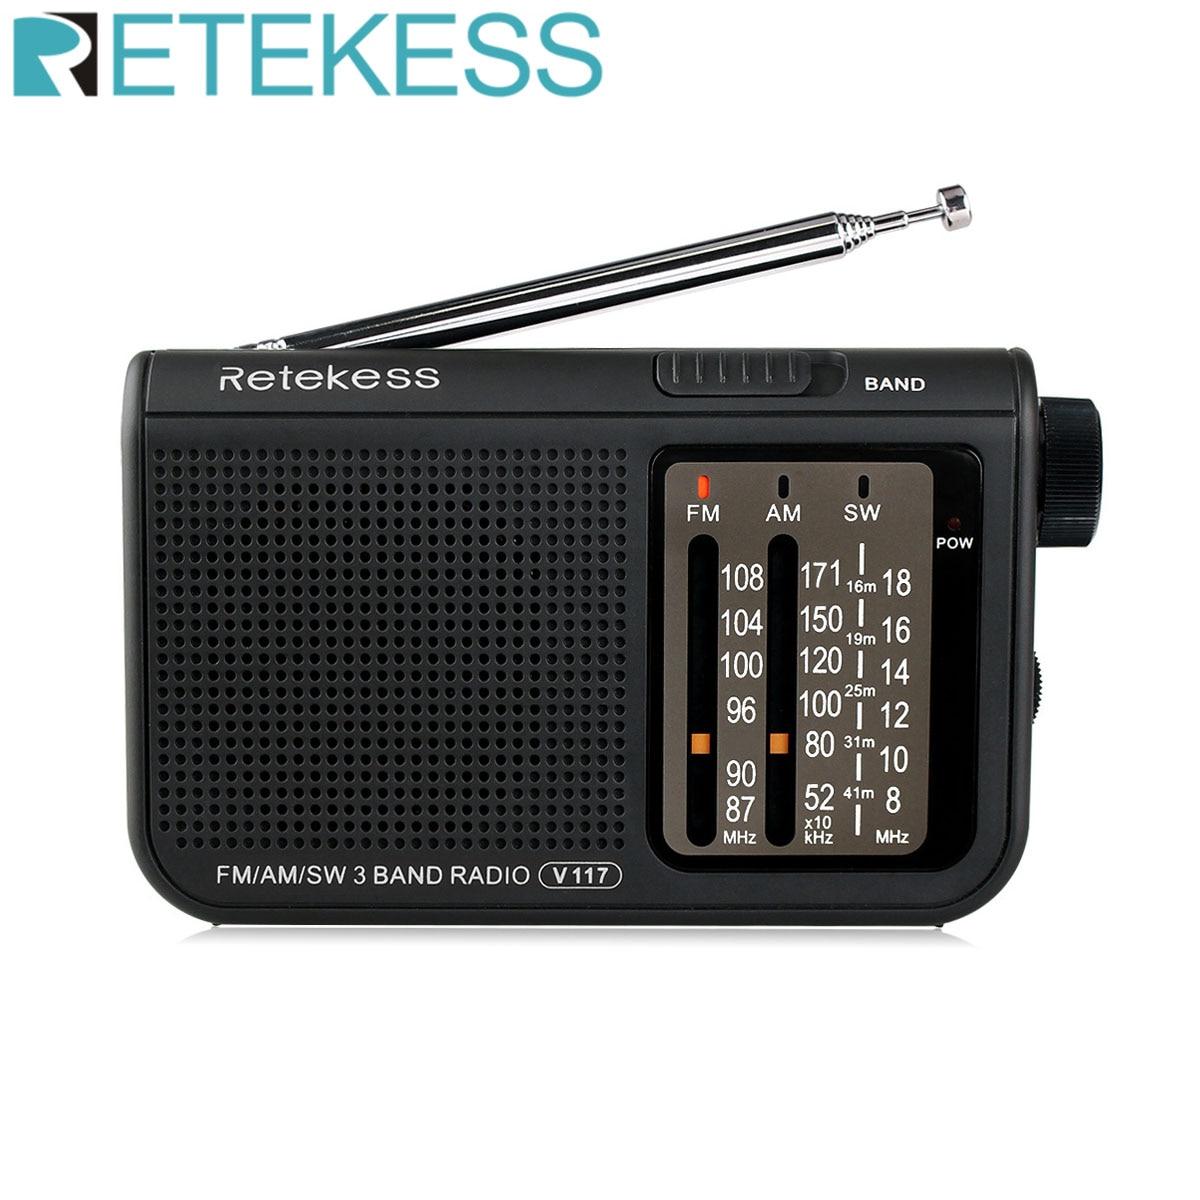 RETEKESS-Receptor de radio V117 para personas mayores, transistor portátil AM, FM y...